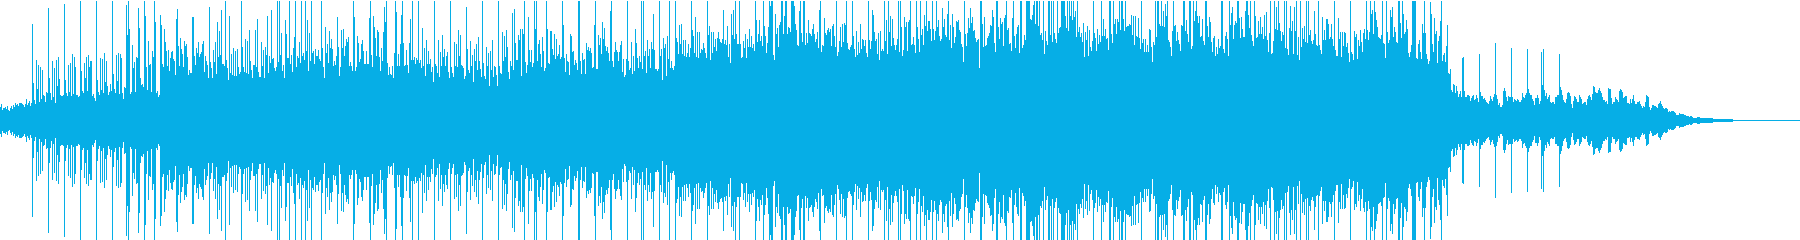 ピアノを空間的に使った打ち込み曲の再生済みの波形